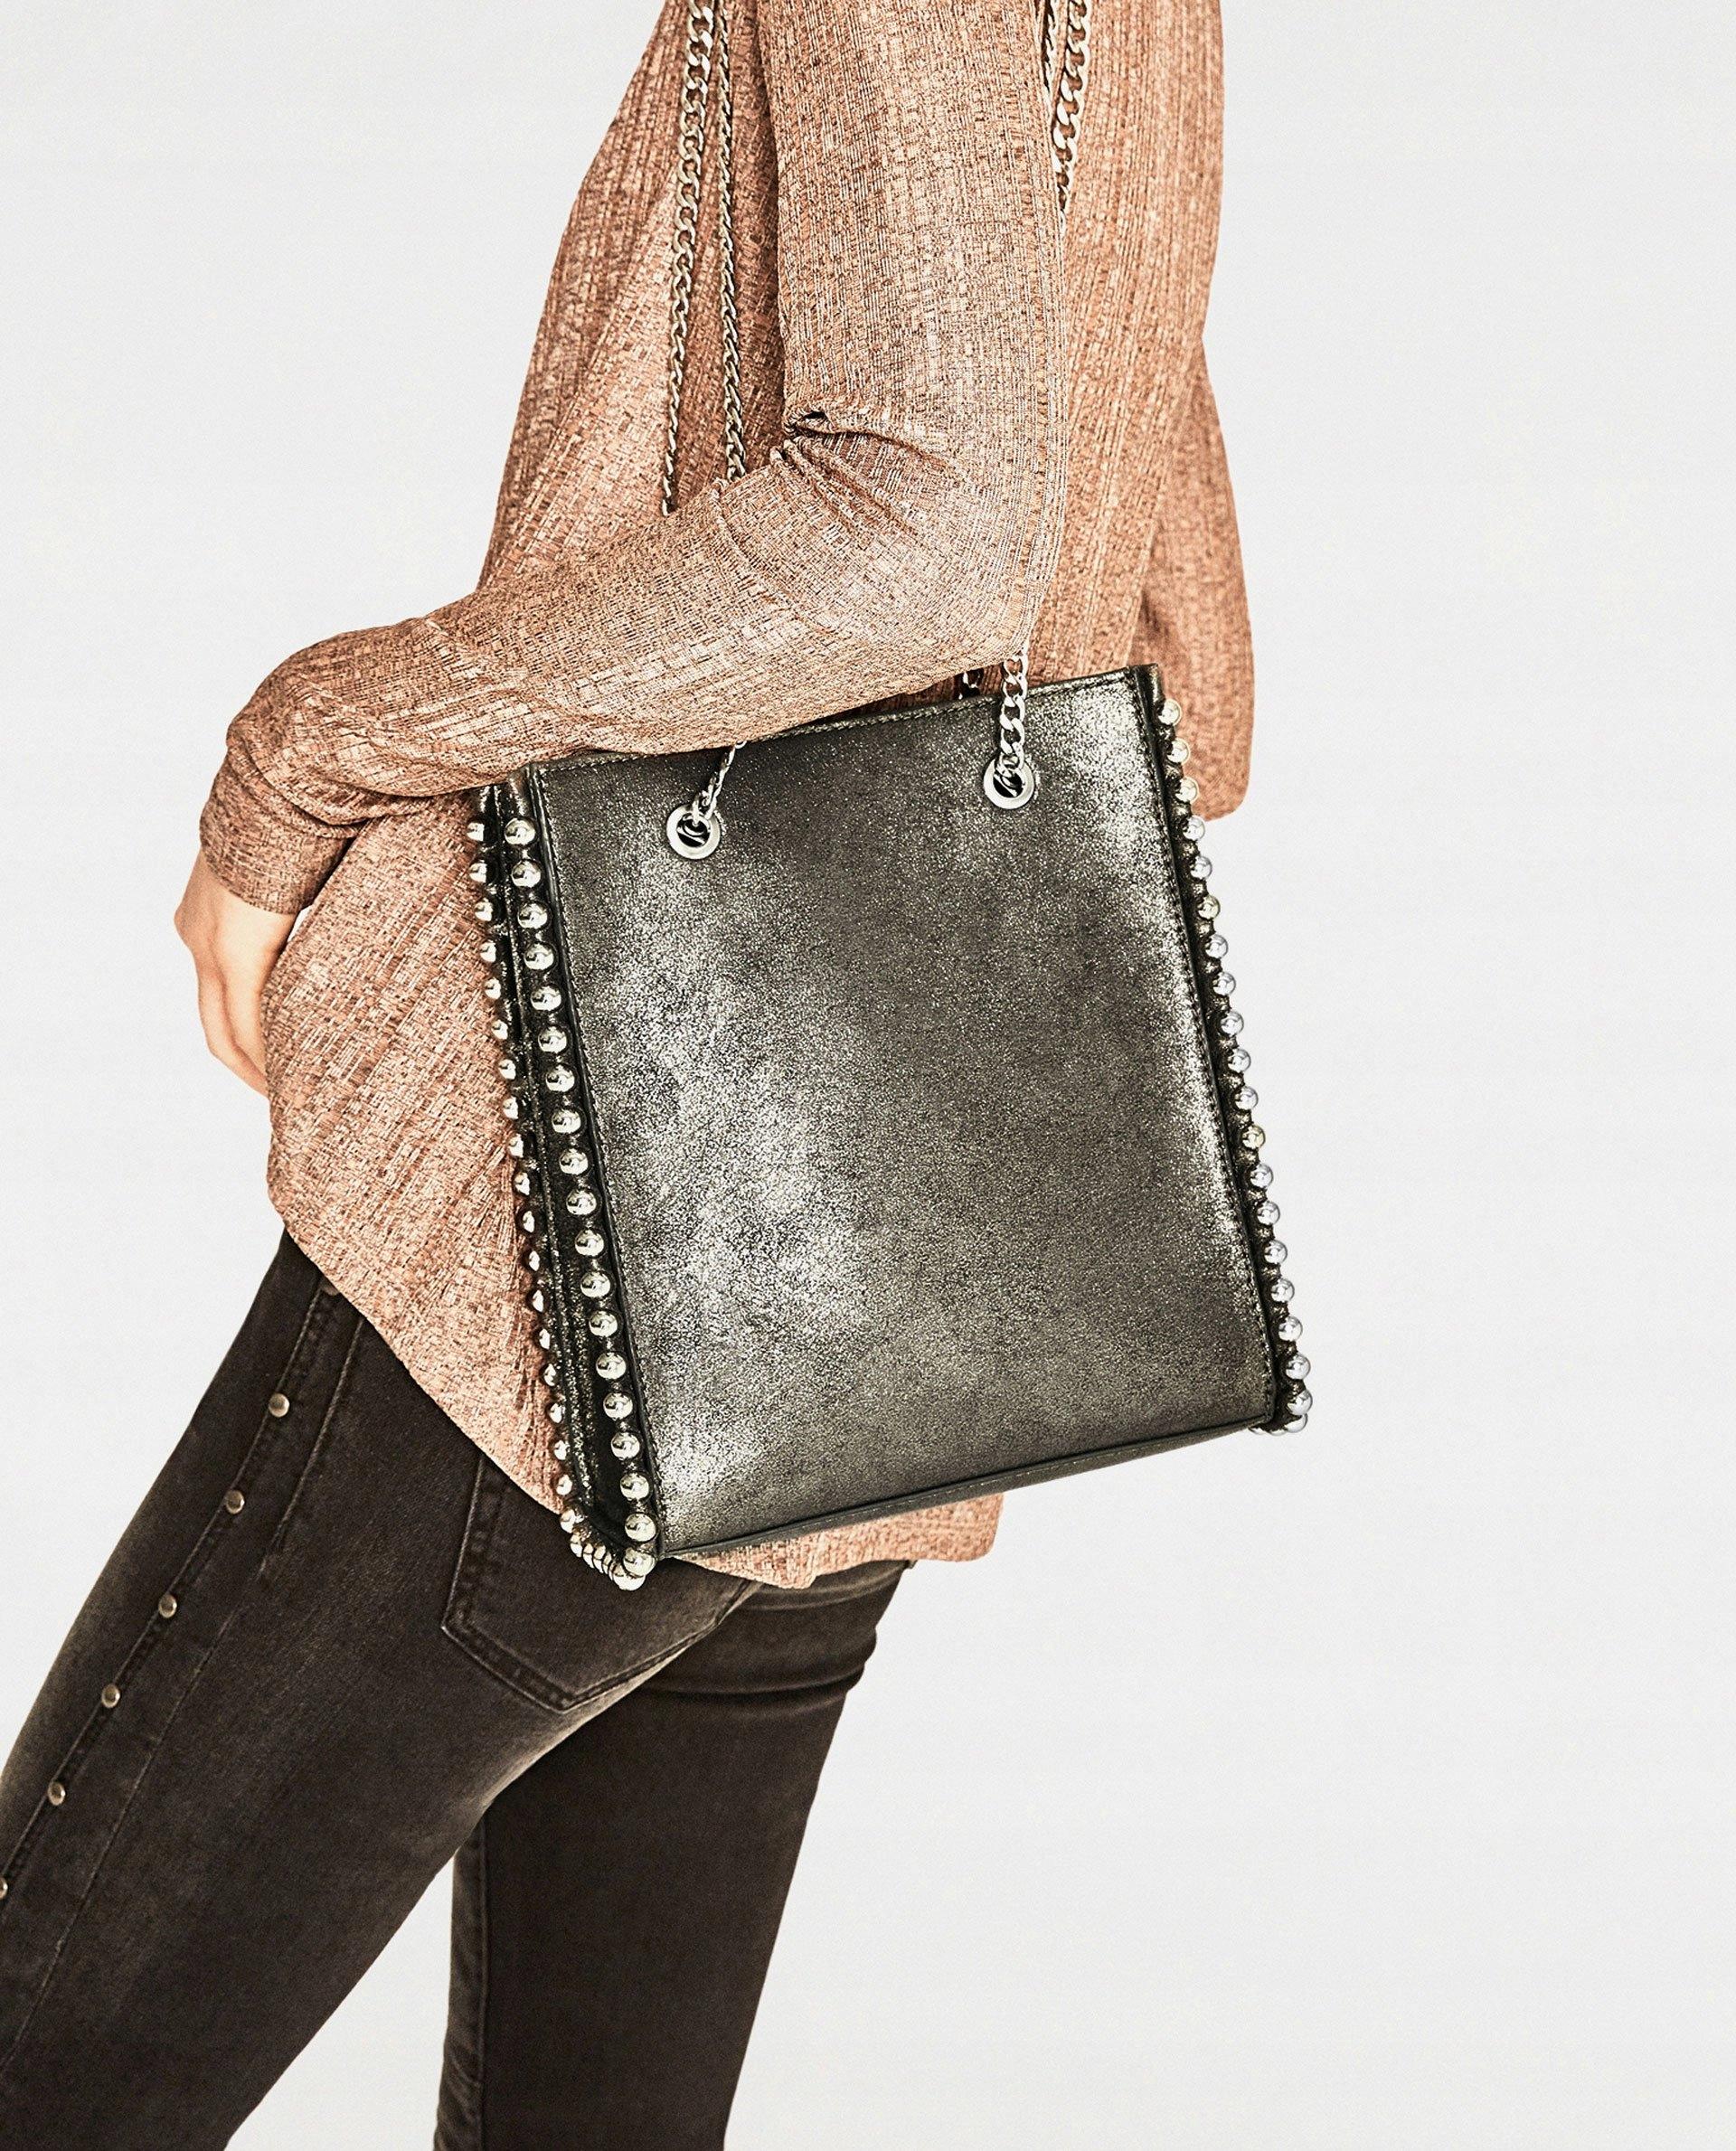 a543b82216ae3 Zara mini torebka shopper z ćwiekami - 7364513935 - oficjalne ...